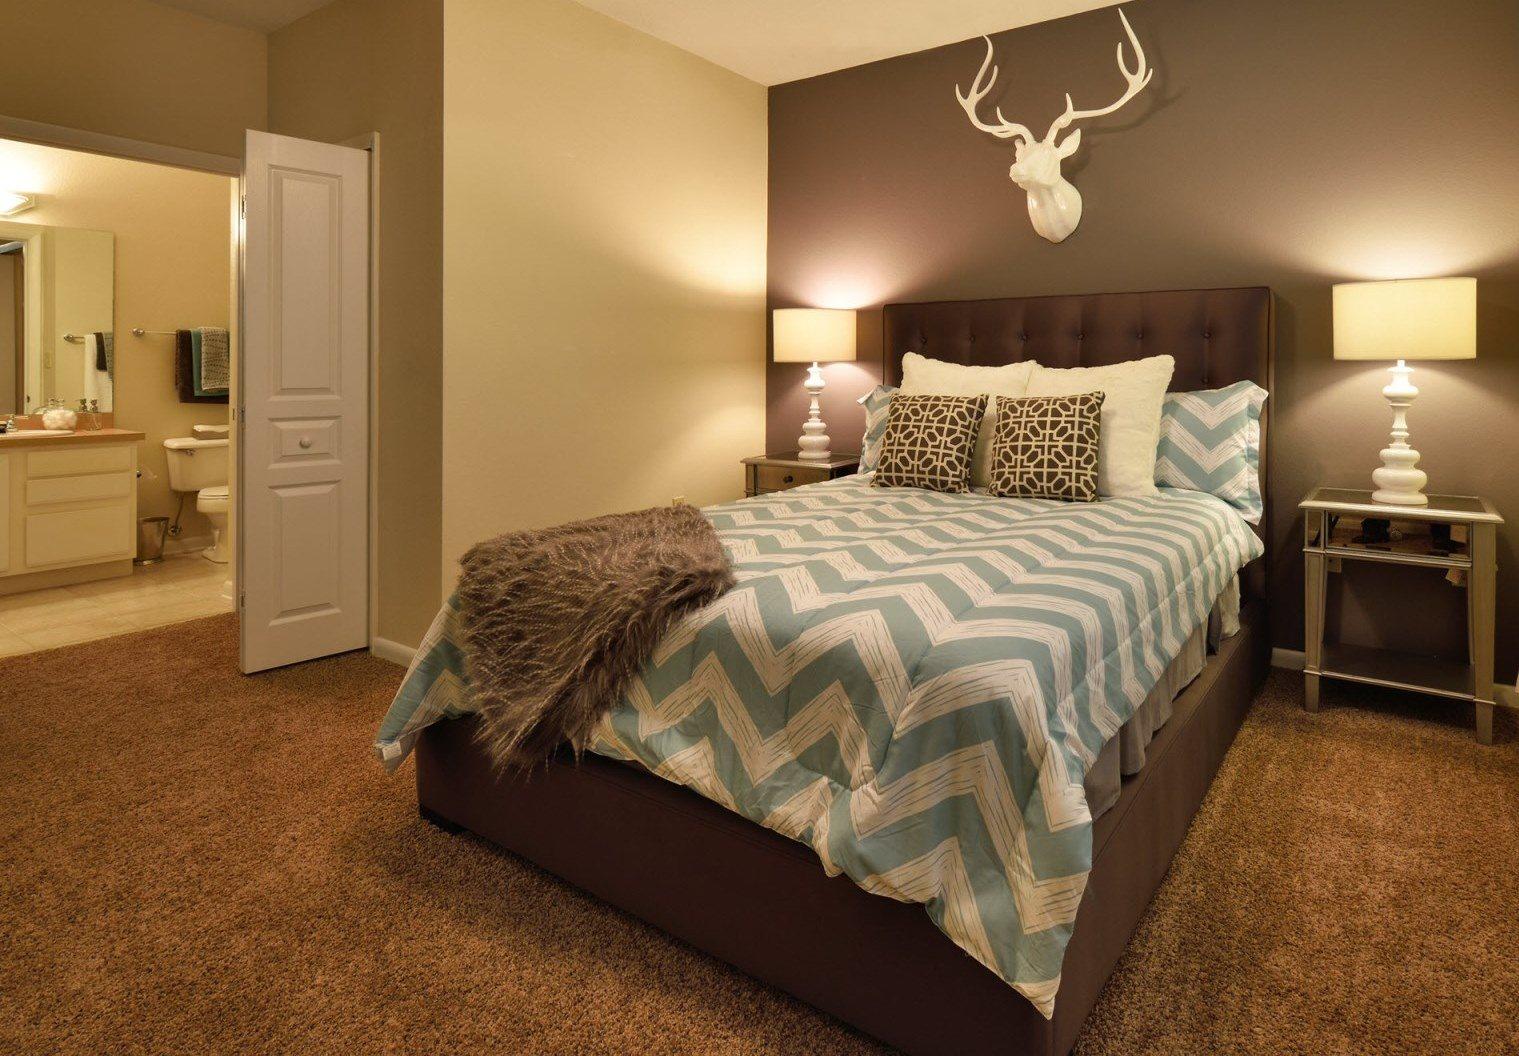 Designer Bedrooms The Preserve at Westchase, Tampa